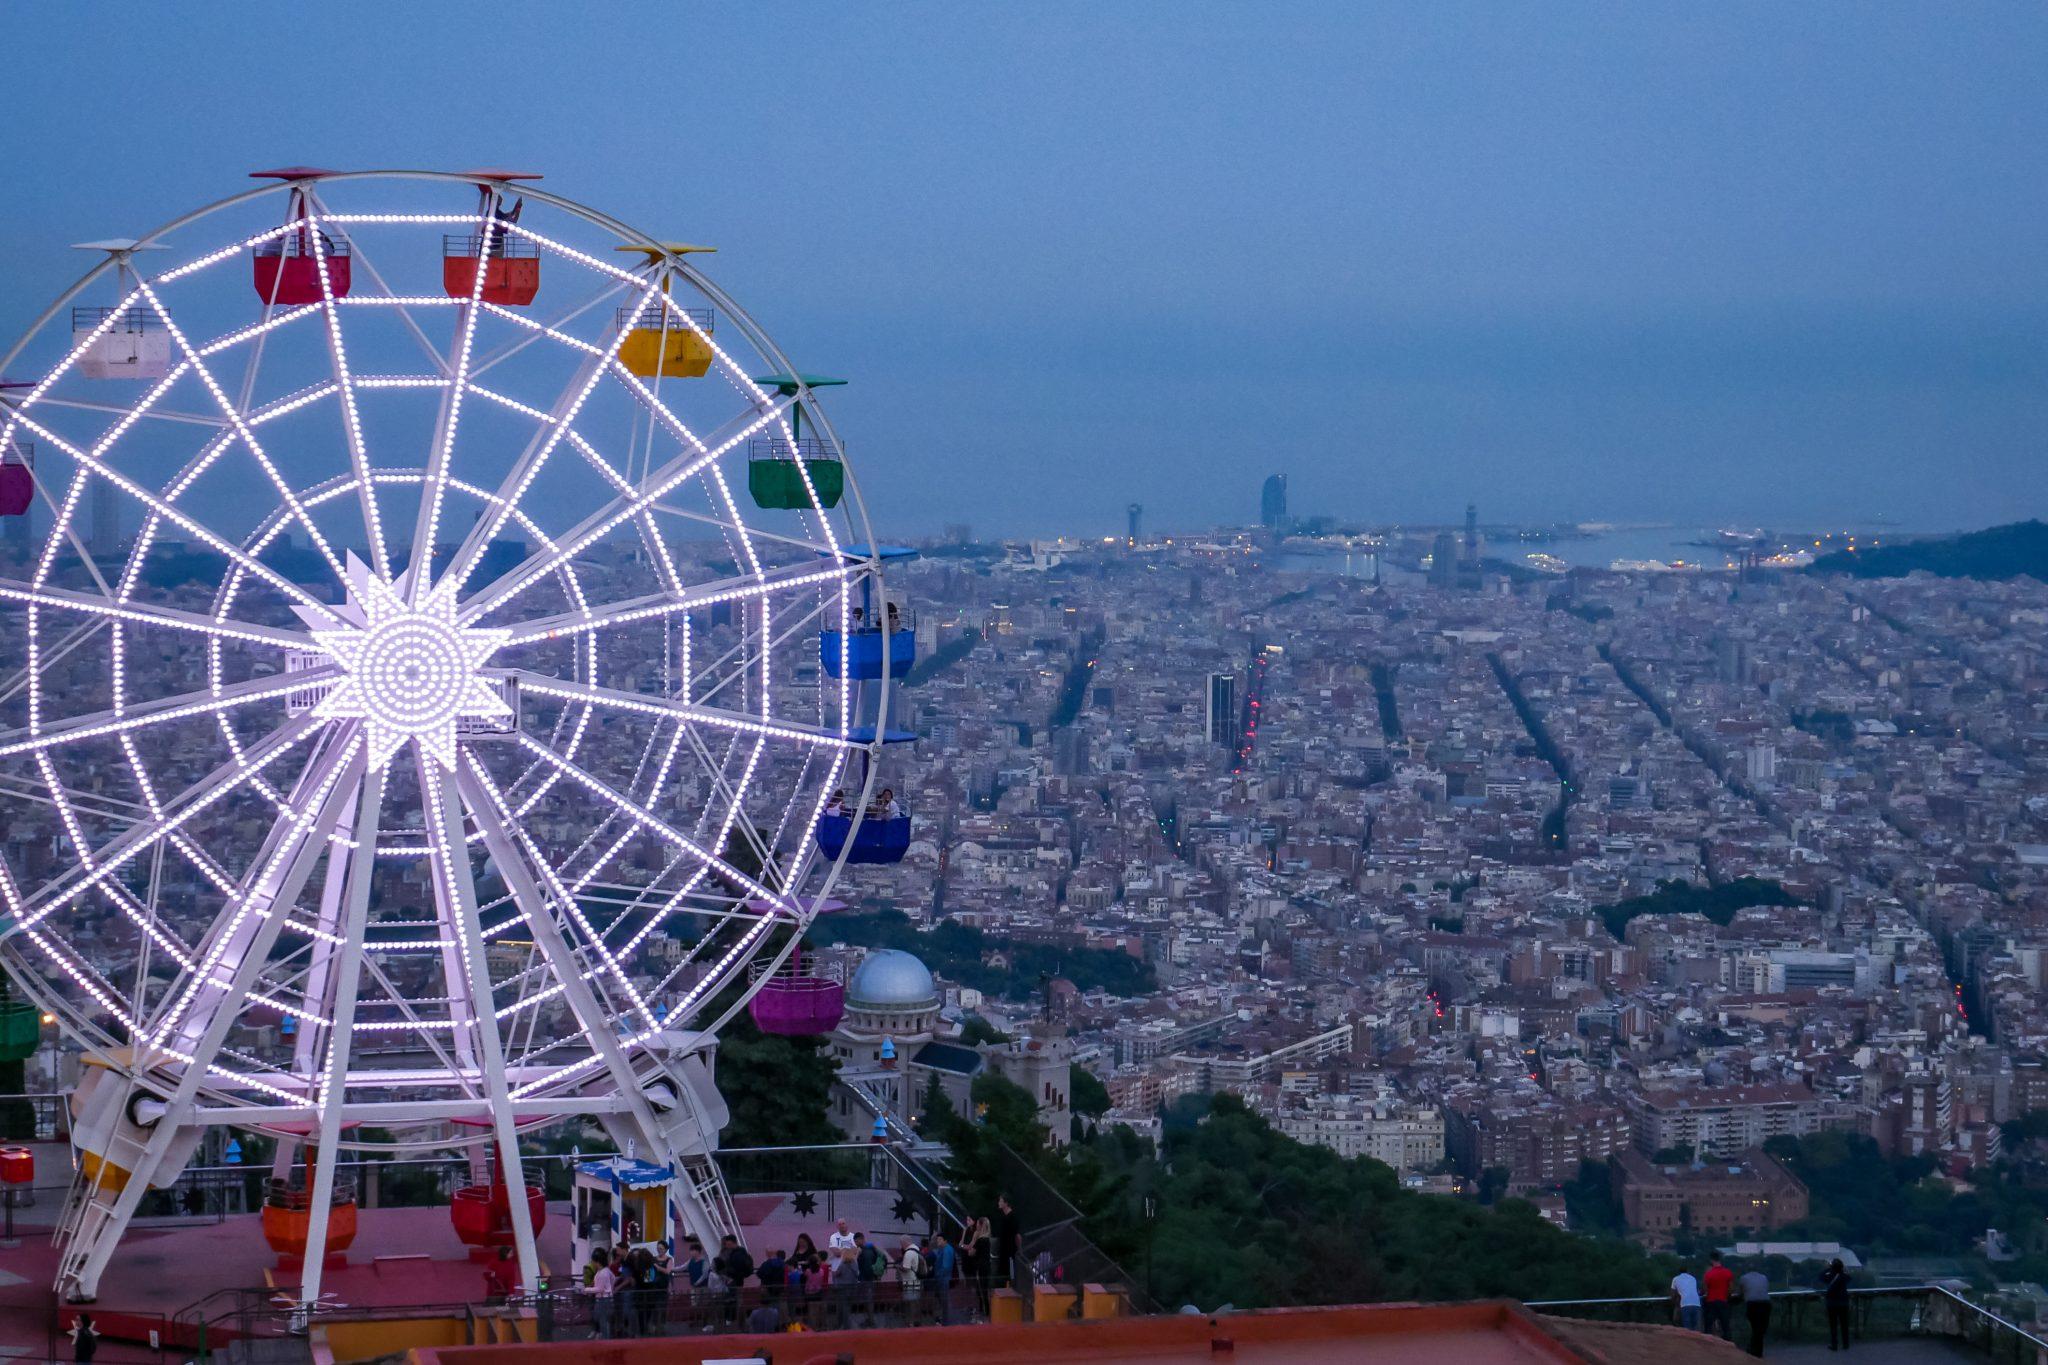 Auf dem Tibidabo bin ich immer wieder gerne, denn dort herrscht nicht nur wunderschöne Ruhe, sondern man hat ebenfalls einen wunderschönen Ausblick auf Barcelona.